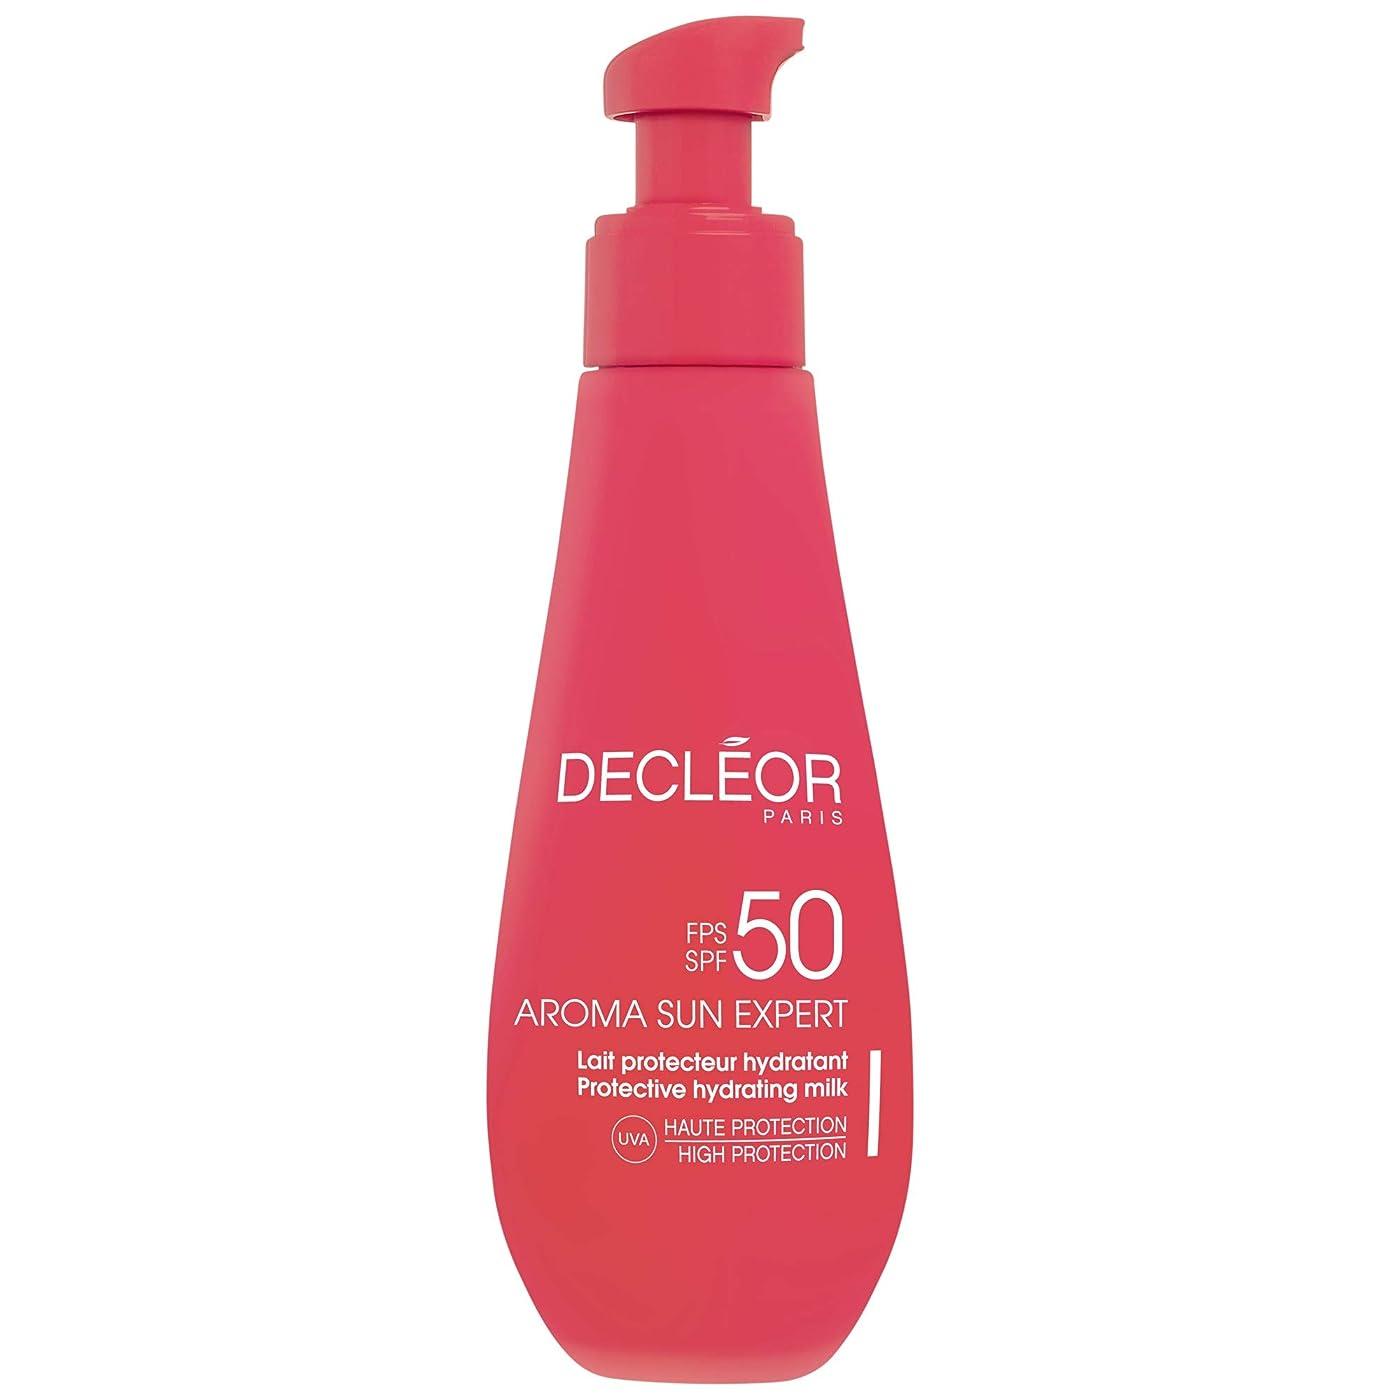 フライト愛情深い穿孔する[Decl?or ] デクレオールアロマ日の専門家で超保護抗シワクリームSpf50 - ボディローション150Ml - Decl?or Aroma Sun Expert Ultra Protective Anti-Wrinkle Cream SPF50 - Body 150ml [並行輸入品]